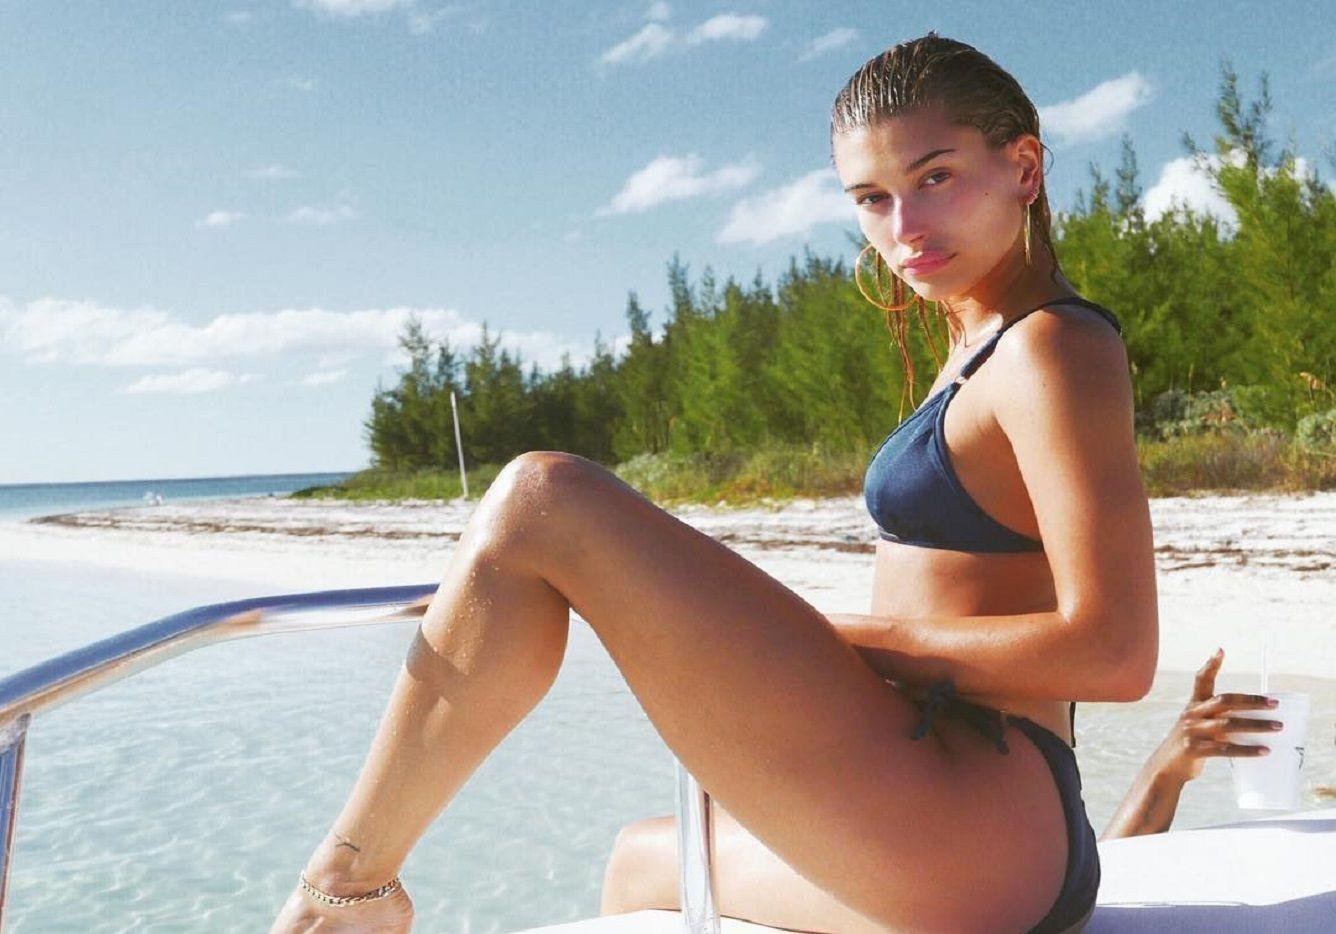 Hailey Baldwin Curhat, Segitu Beratnya Jadi Istri Justin Bieber?